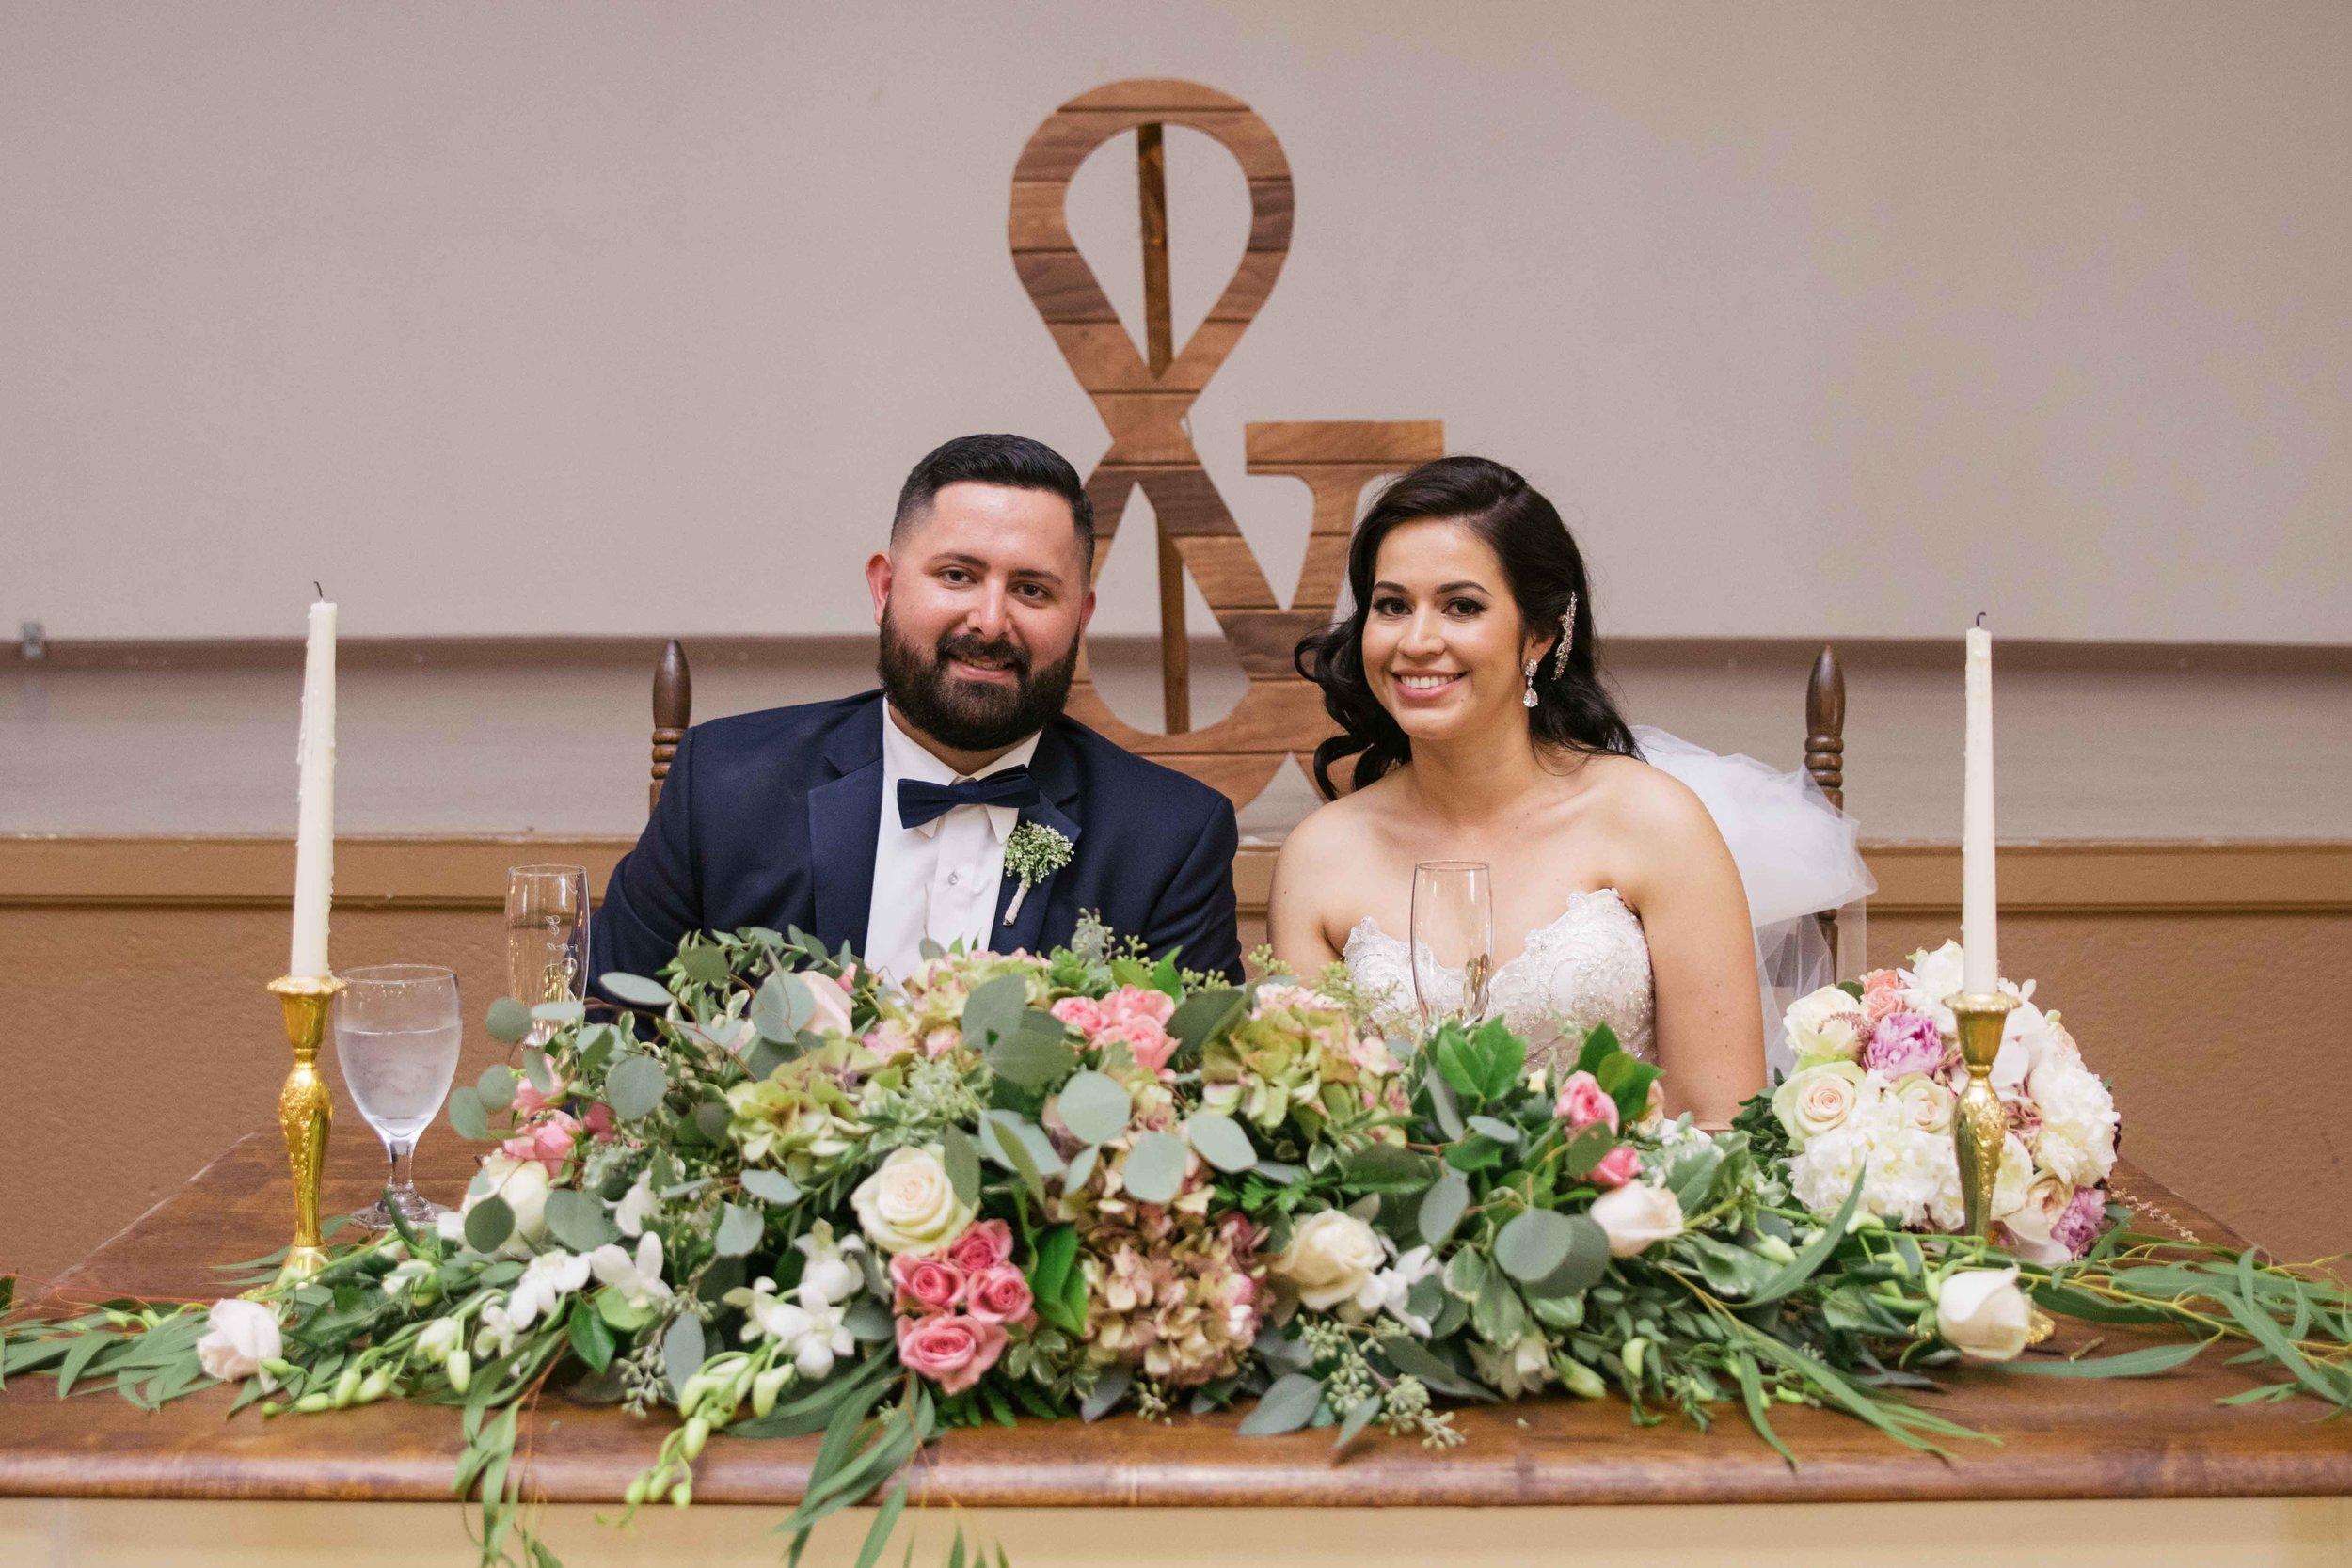 merced-wedding-photographer-fairgrounds-ramon-esther-342.JPG